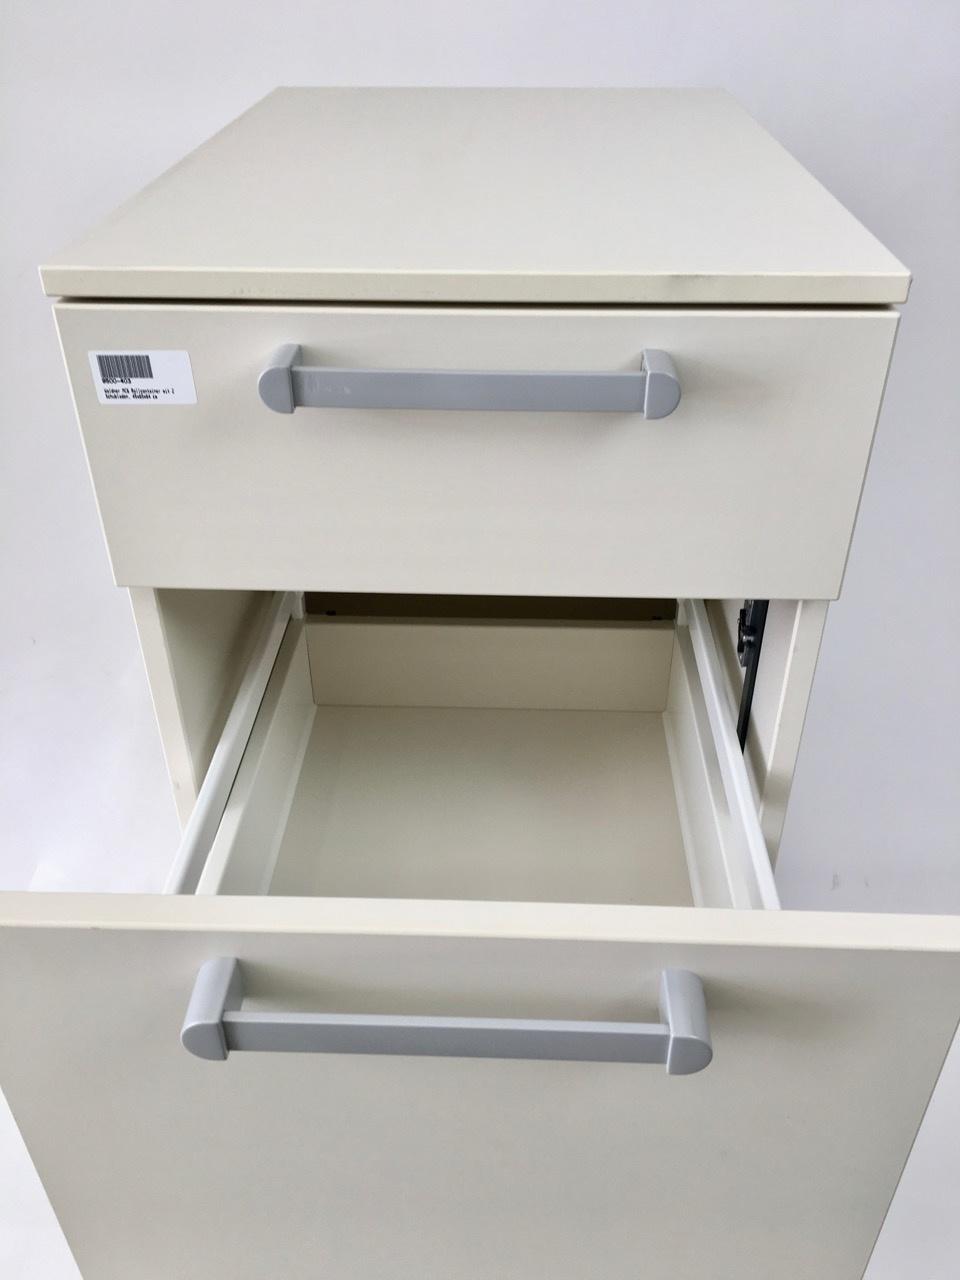 Waldner Waldner MC6 Rollschrank, 2 Schubladen, 45 cm breit, 64cm hoch